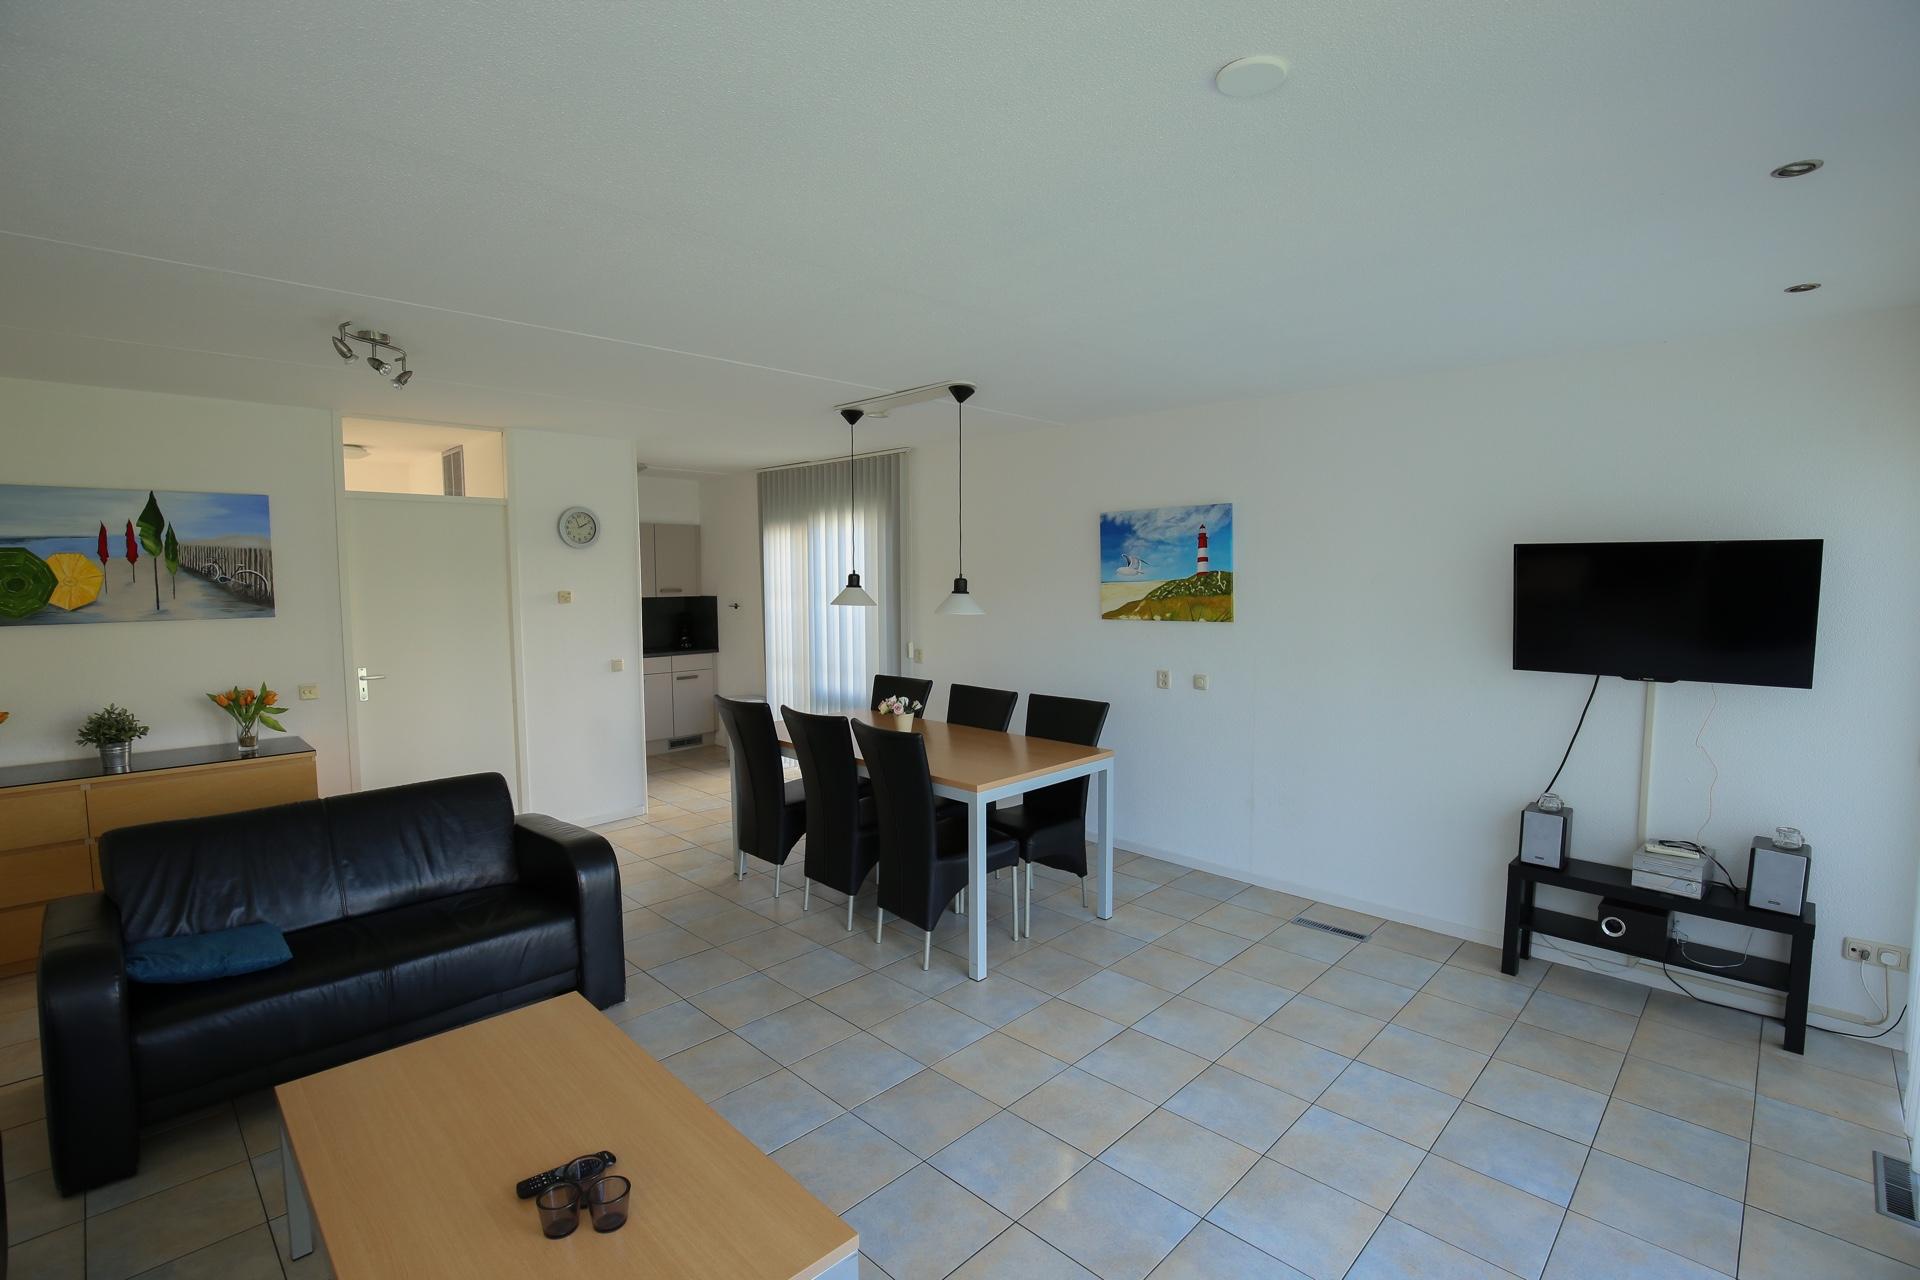 Bourtange 6 met uitbouw woonkamer